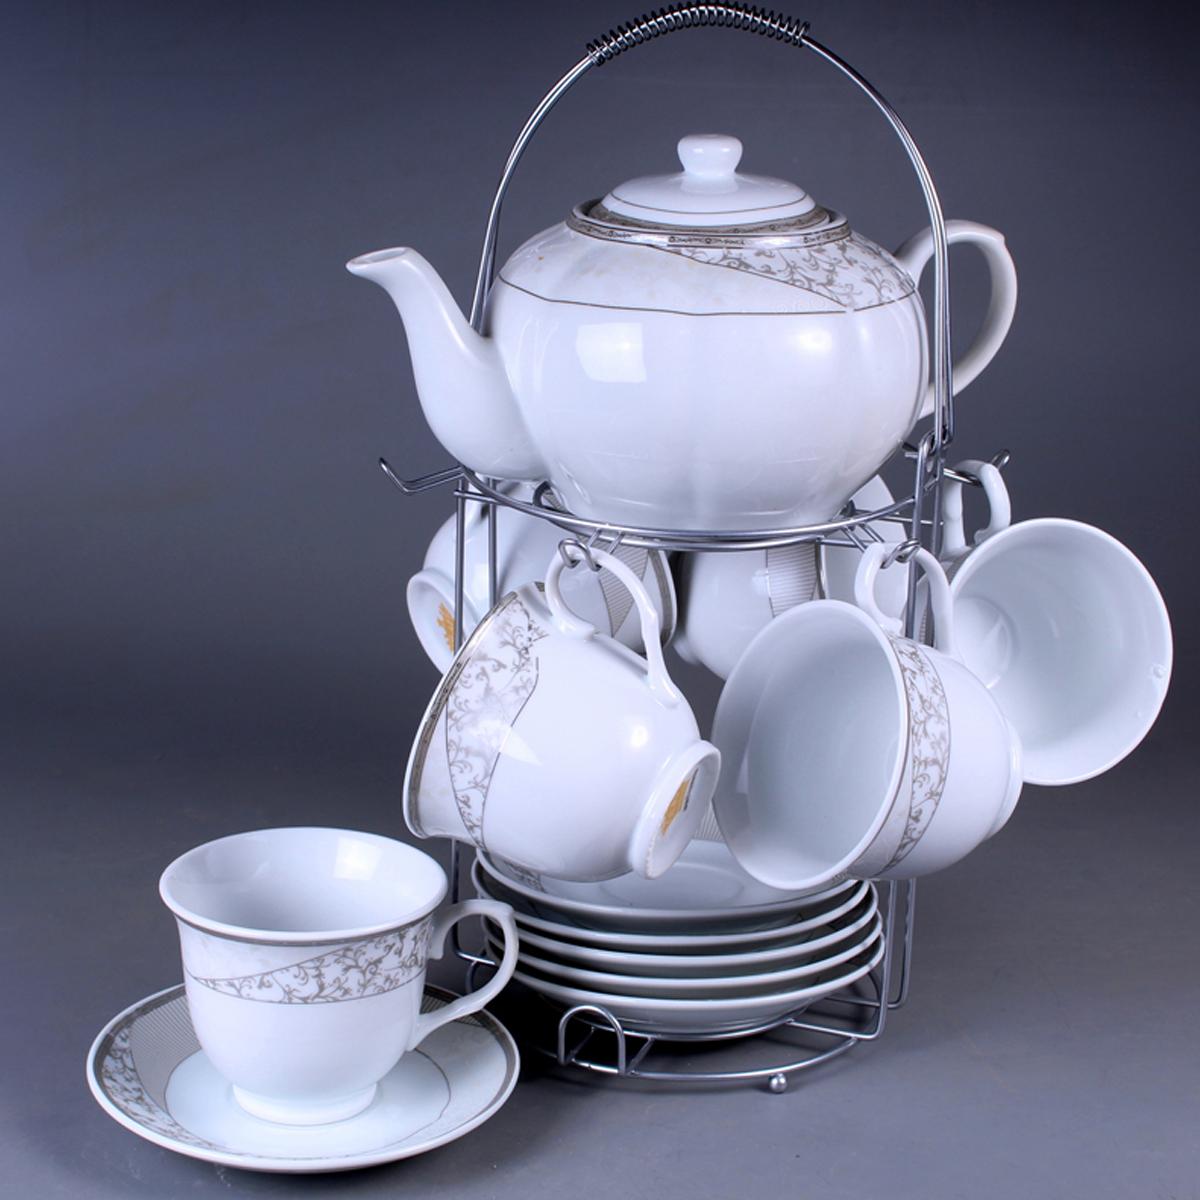 Набор чайный Olaff, на подставке, 13 предметов. SCS-13MS-012SCS-13MS-012Набор чайный, 13 предметов: 6 чашек 220 мл + 6 блюдец + чайник 1200 мл